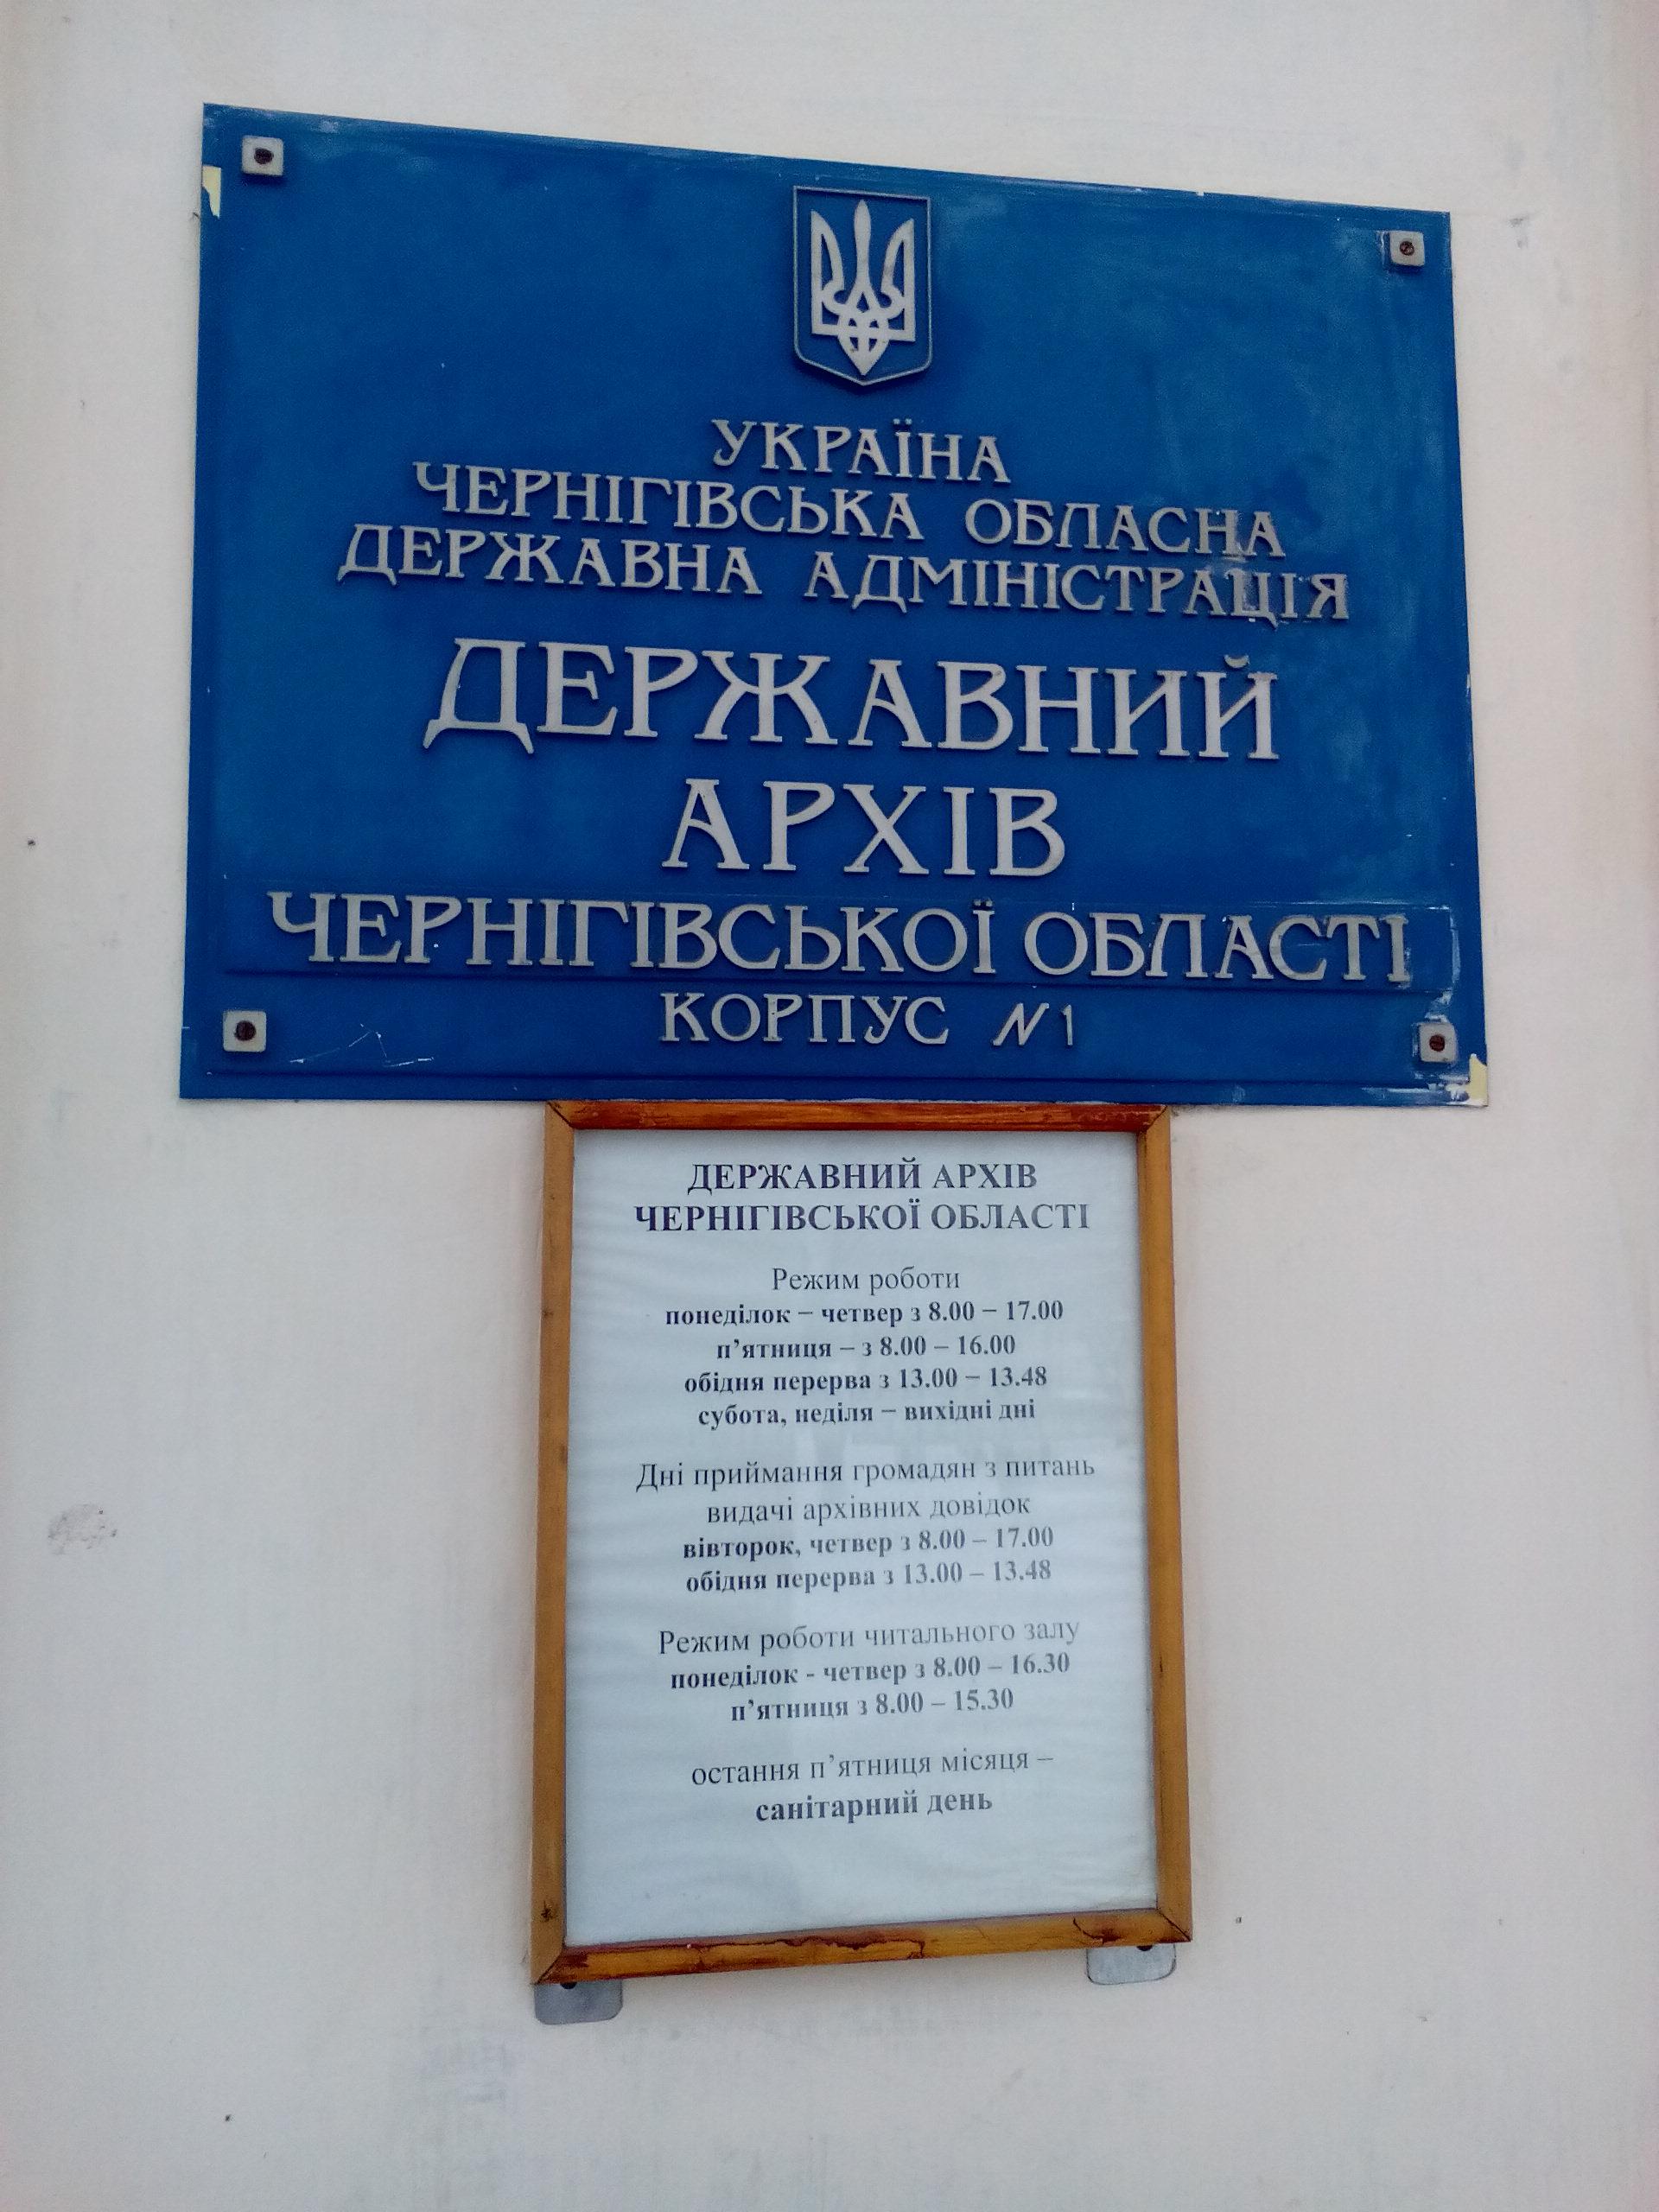 Черниговский архив Украины.